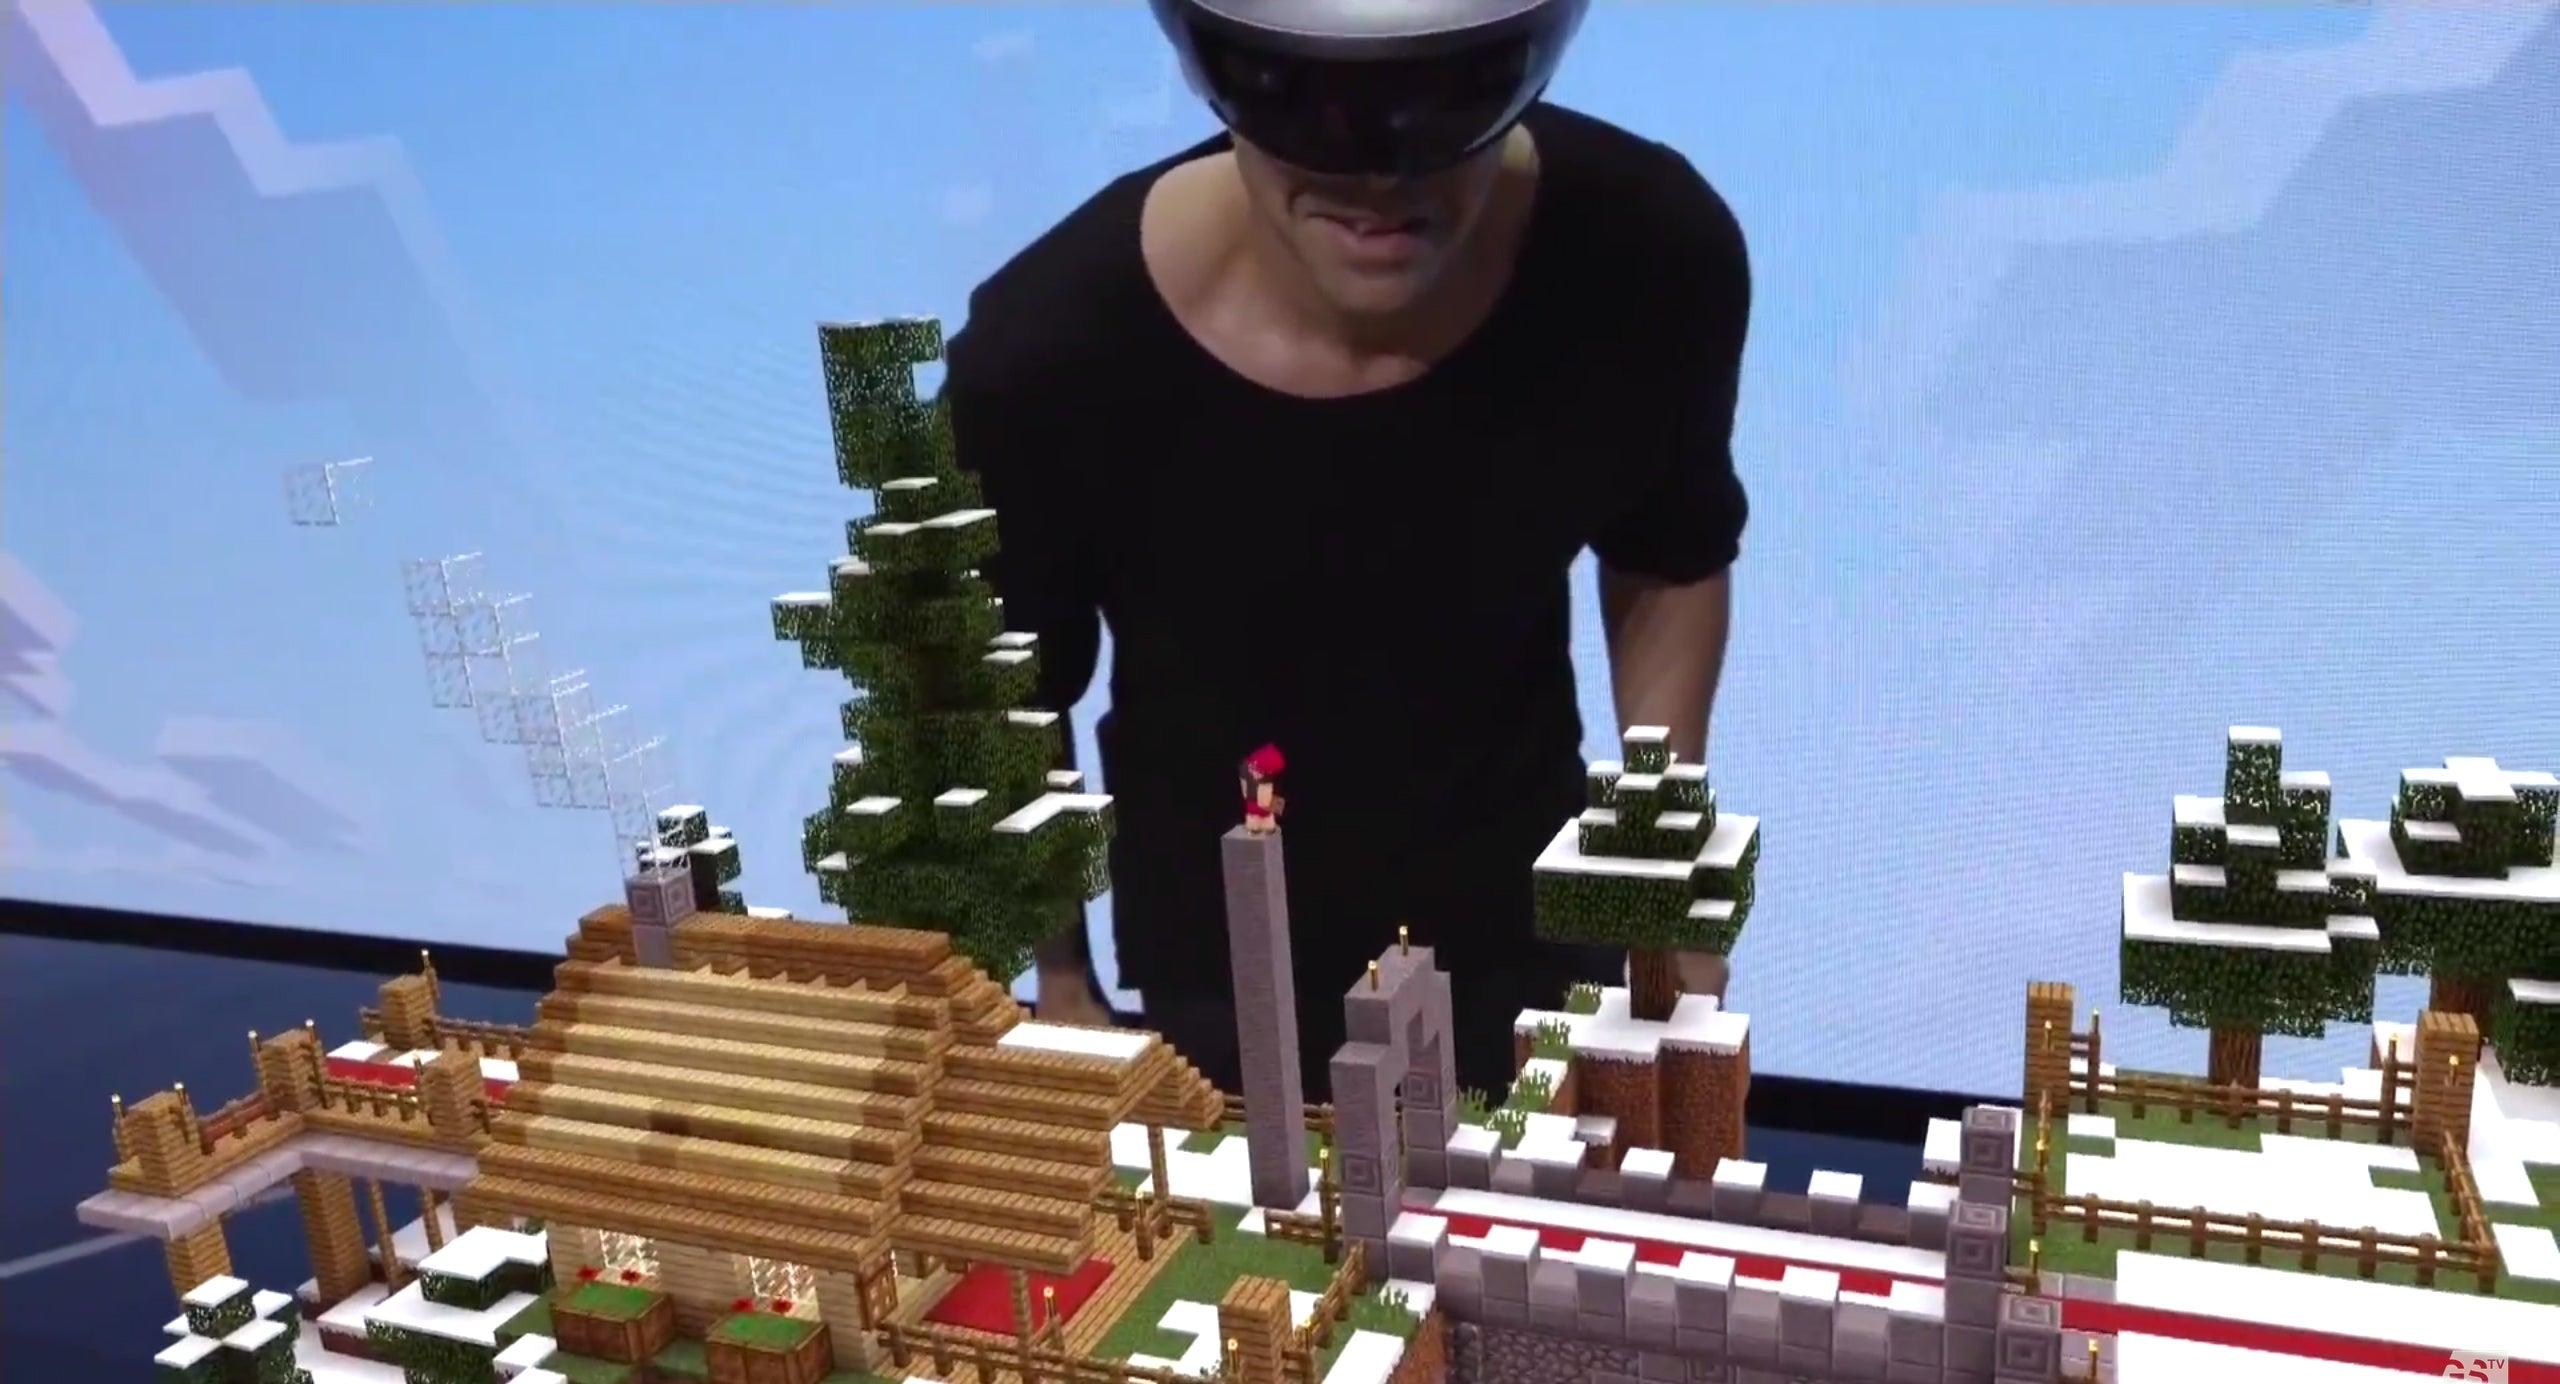 Minecraft on HoloLens